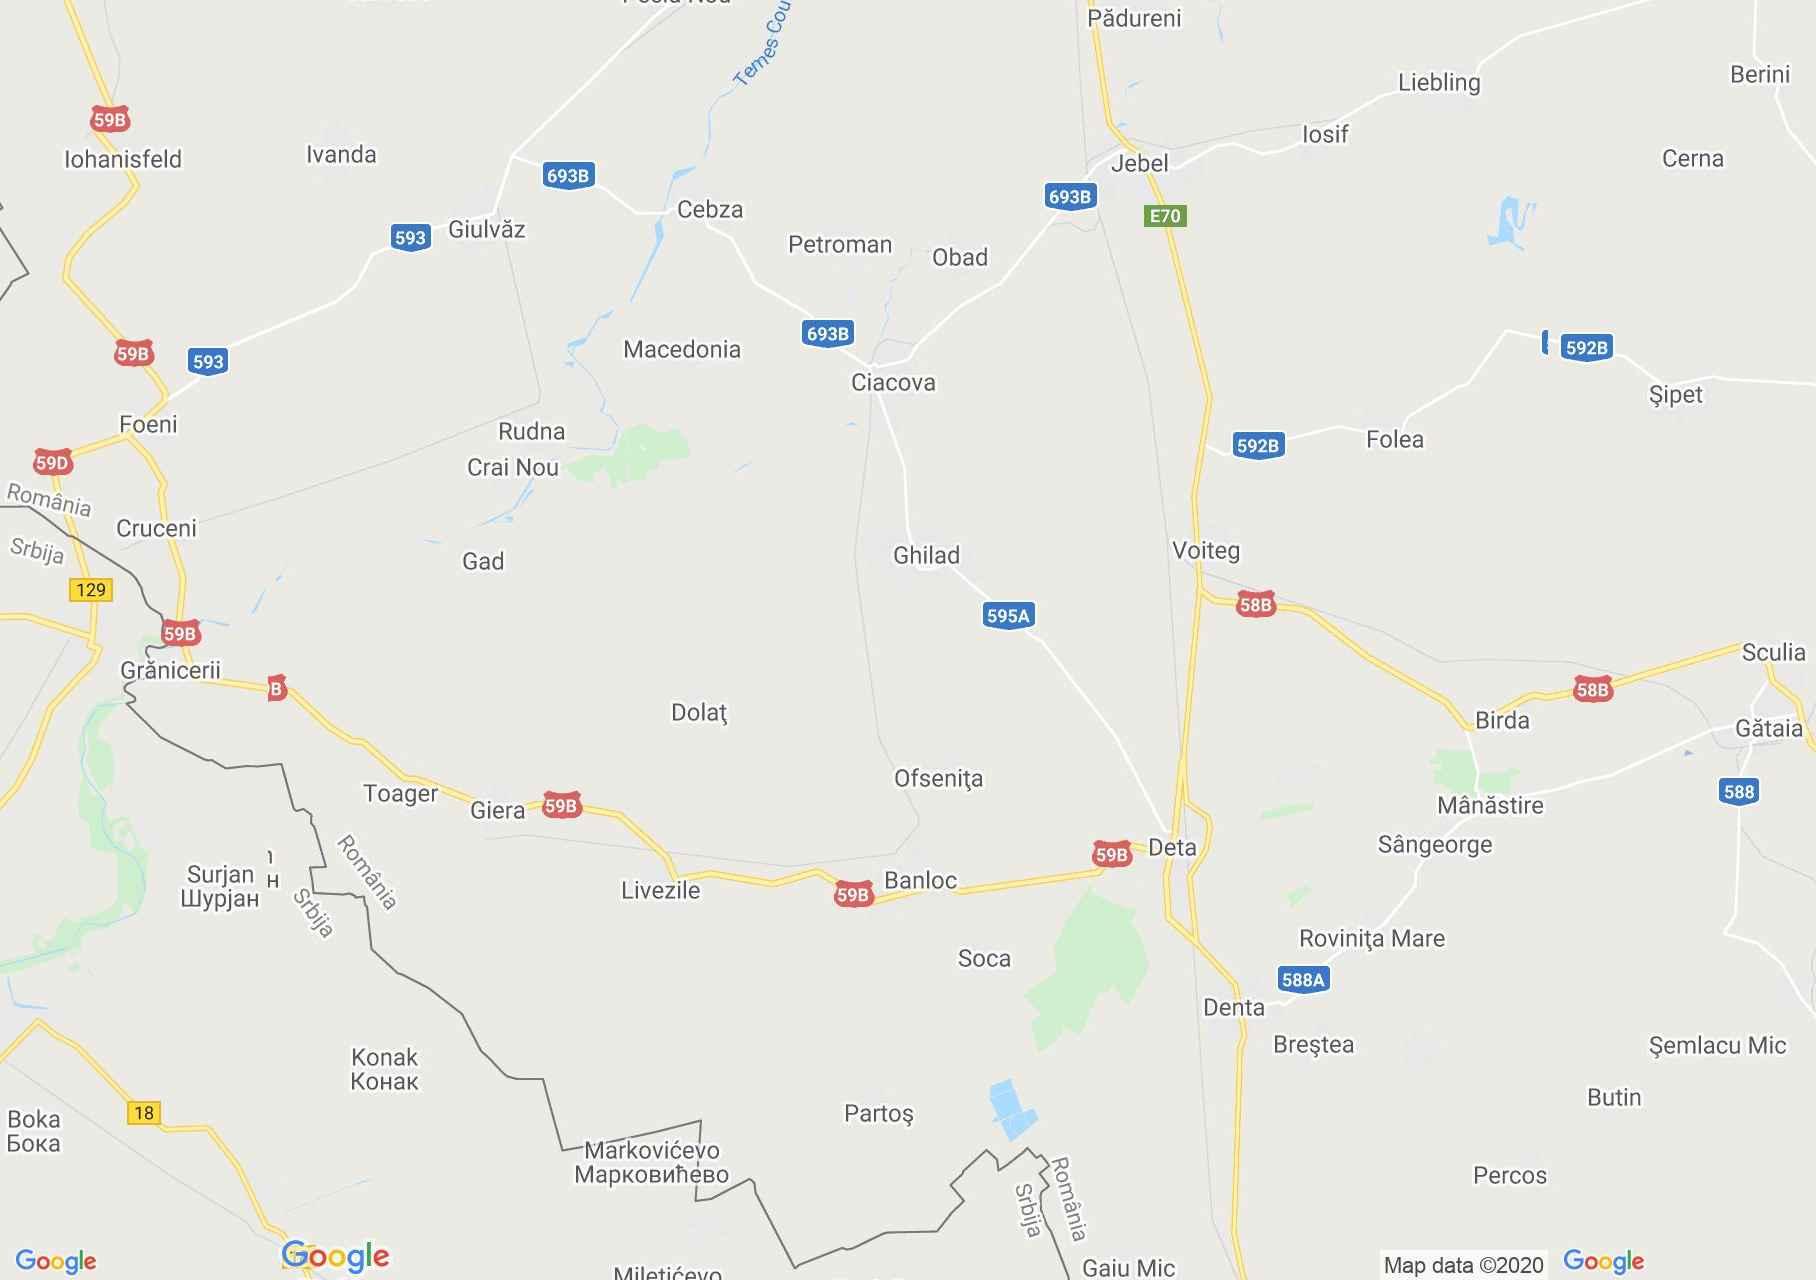 Deta-Ciacova area, Interactive tourist map